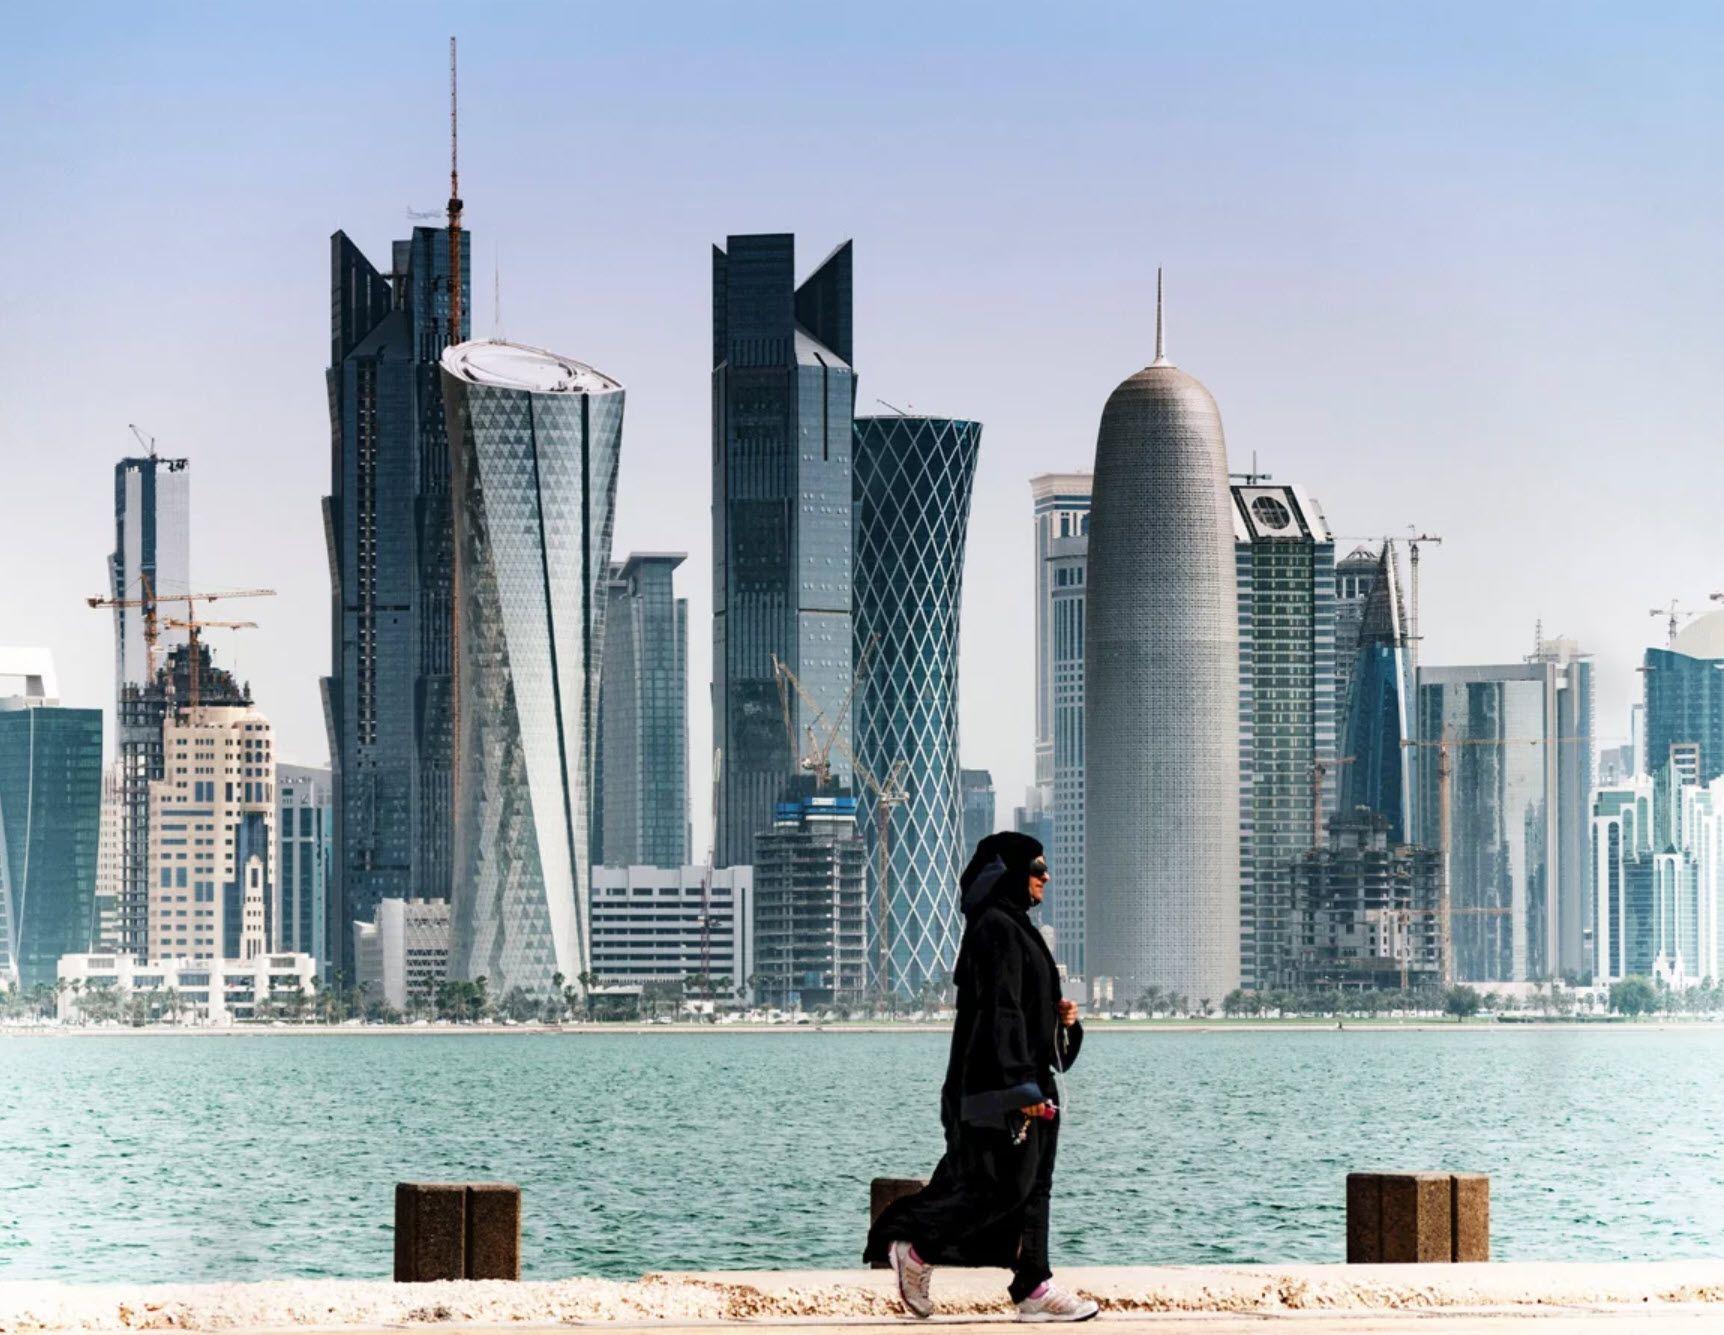 В Саудовской Аравии построят город без машин и дорог- Kapital.kz